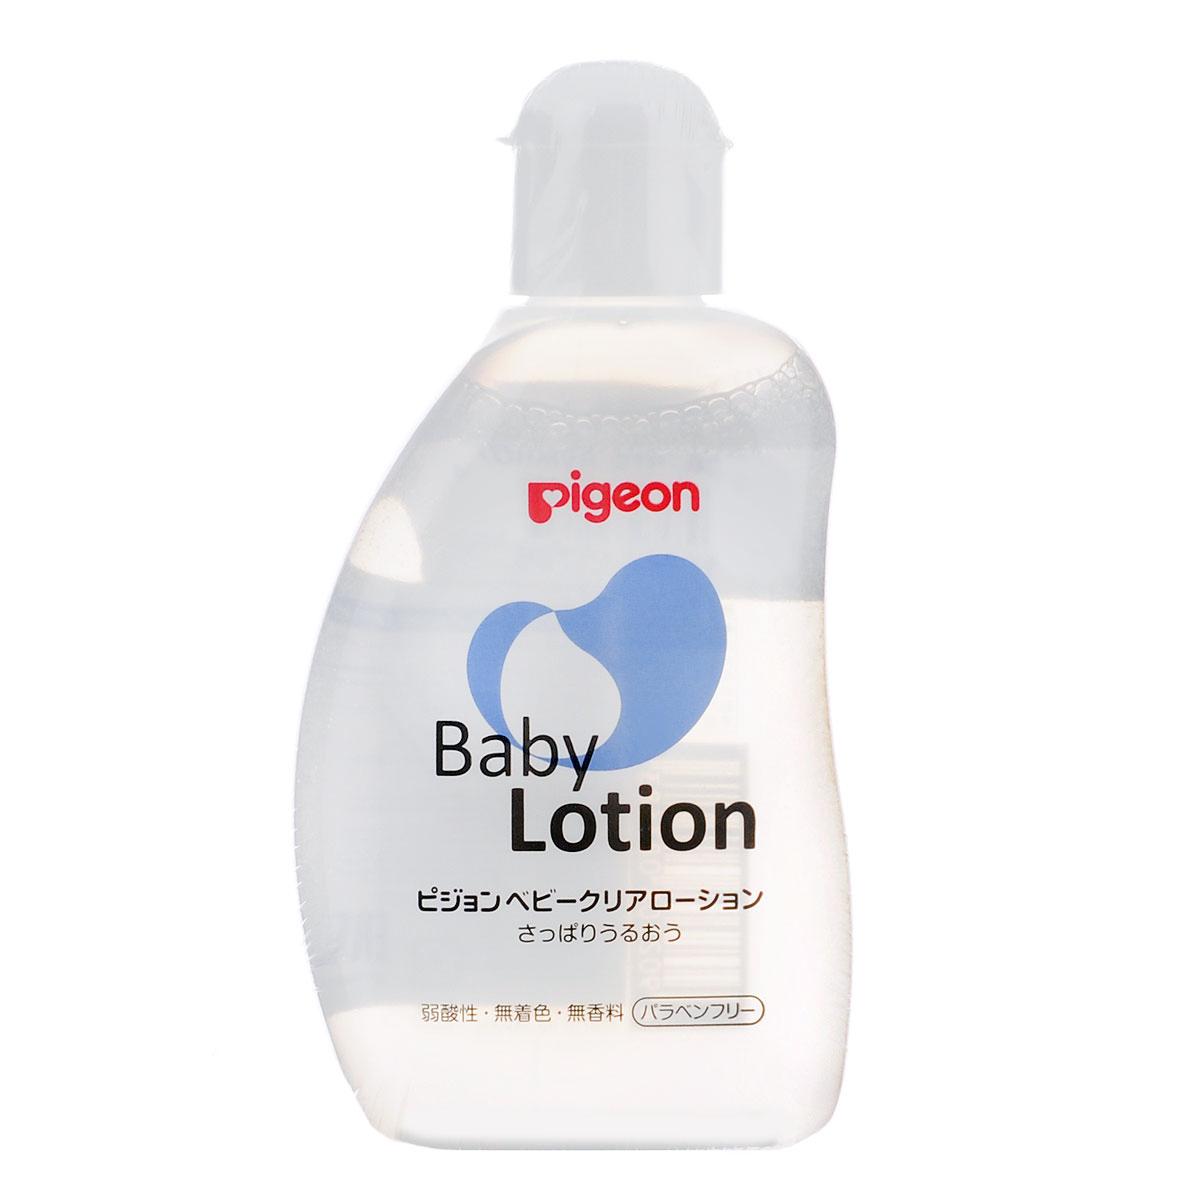 PIGEON Лосьон увлажняющий детский 120мл08260/08368Лосьон Pigeon подходит для ежедневного ухода за малышом с рождения. Основные преимущества: Содержит увлажняющие компоненты: керамиды, удерживающие влагу в коже, аминокислоты, гиалуроновую кислоту для эластичности кожи. Не содержит красителей и фосфора. Не раздражает кожу рук. Уровень кислотности (рН 5,6) такой же, как на коже щеки младенца. Товар сертифицирован.